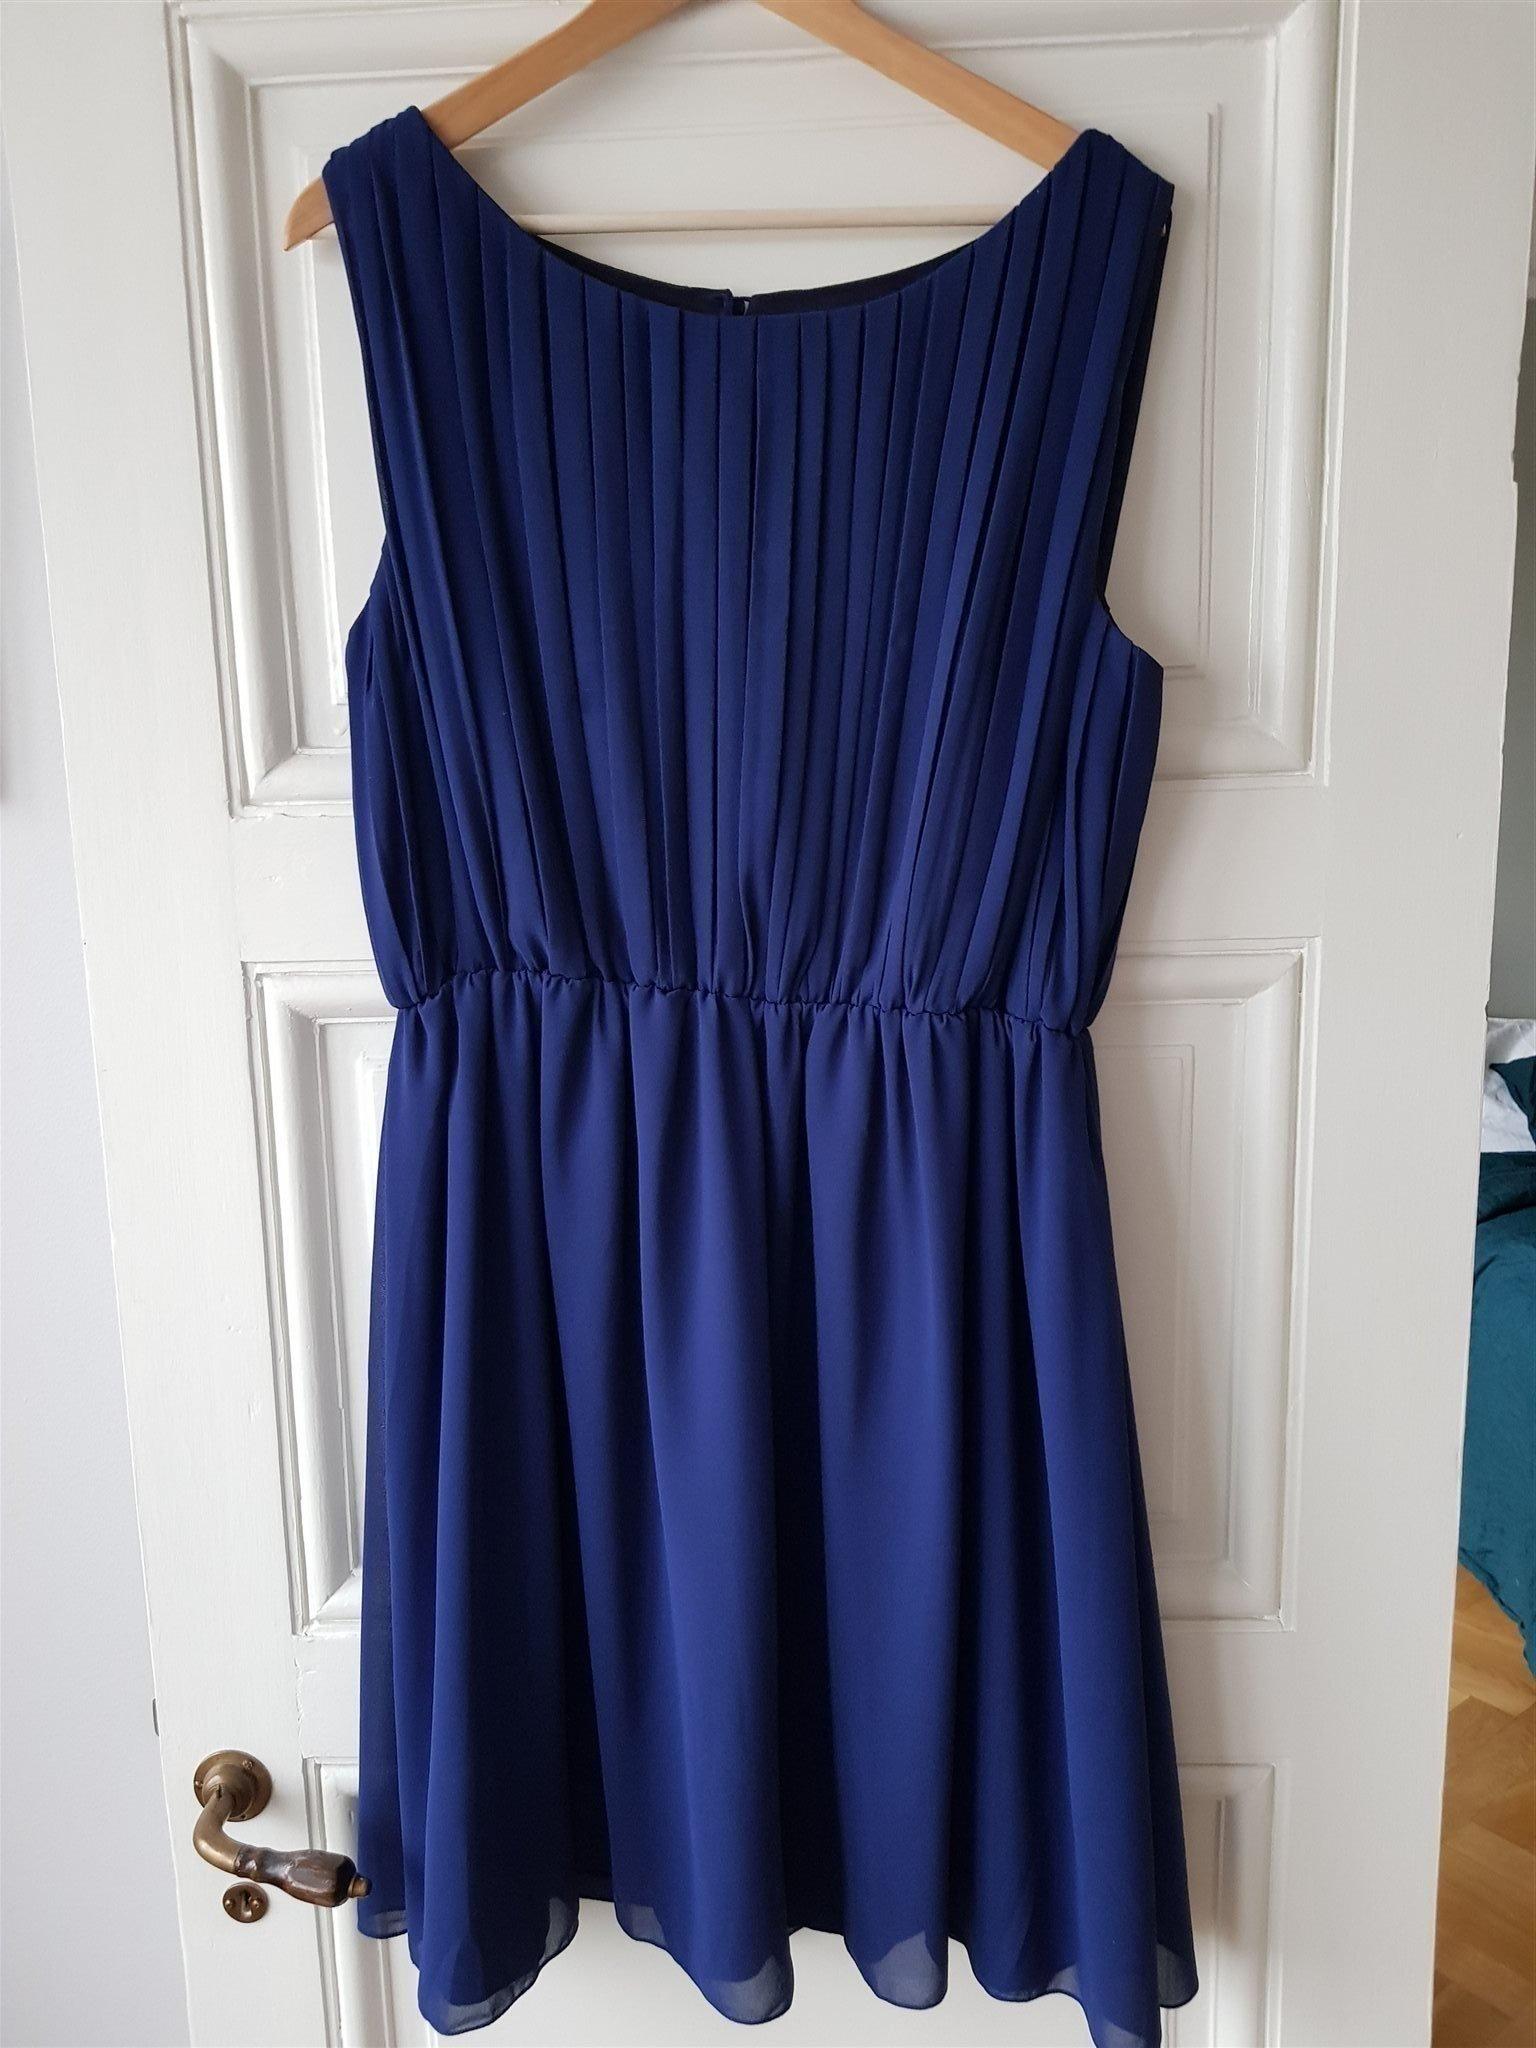 78b2655b9833 Blå Zetterberg Couture klänning (347144366) ᐈ Köp på Tradera